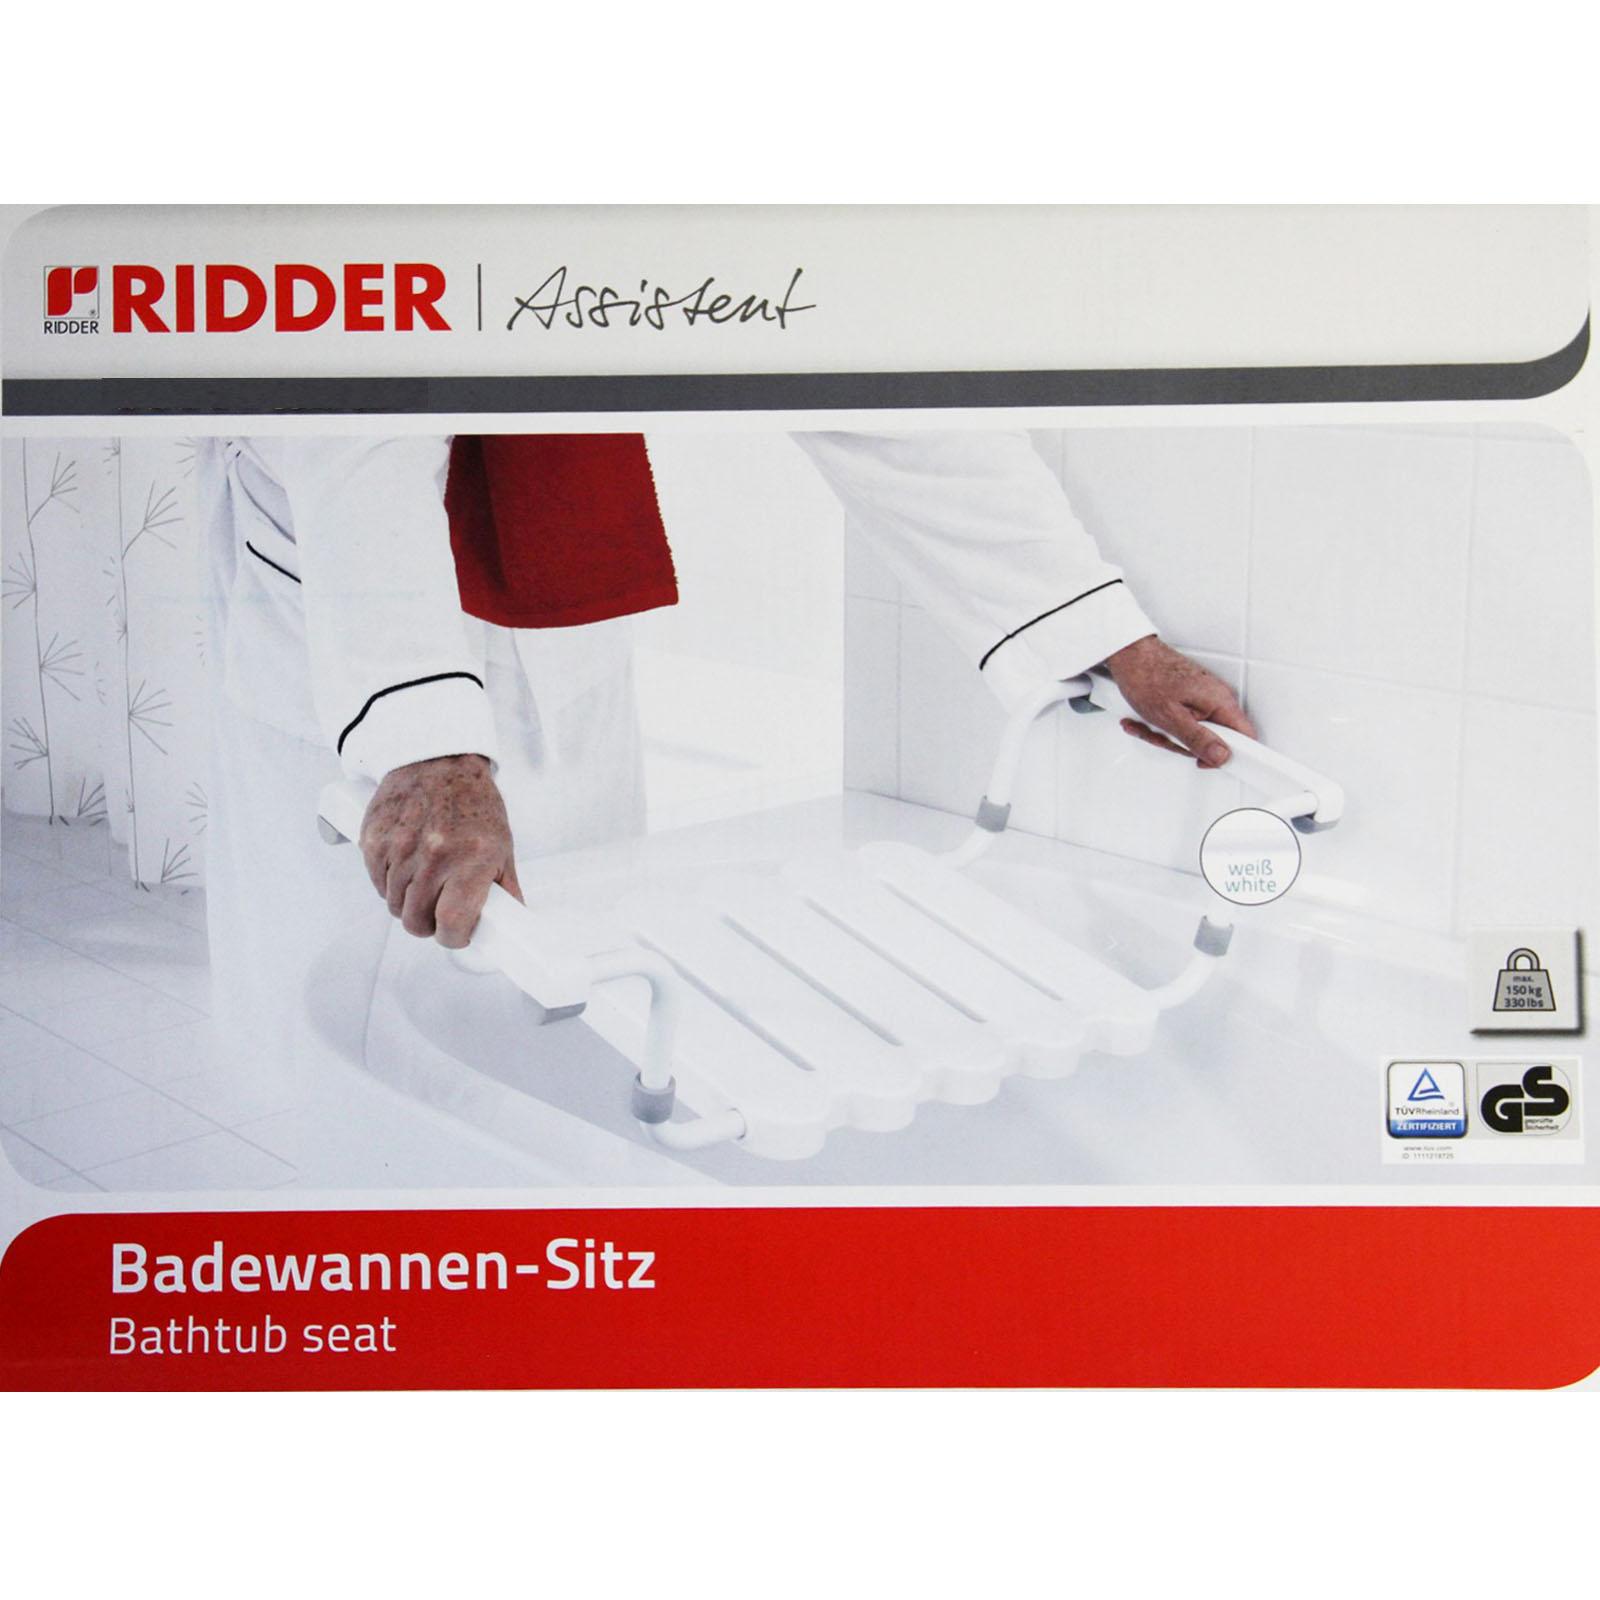 Badewannensitz Wannensitz Badehilfe Dusch Hilfe Rentner Sitz 150kg Ridder 101